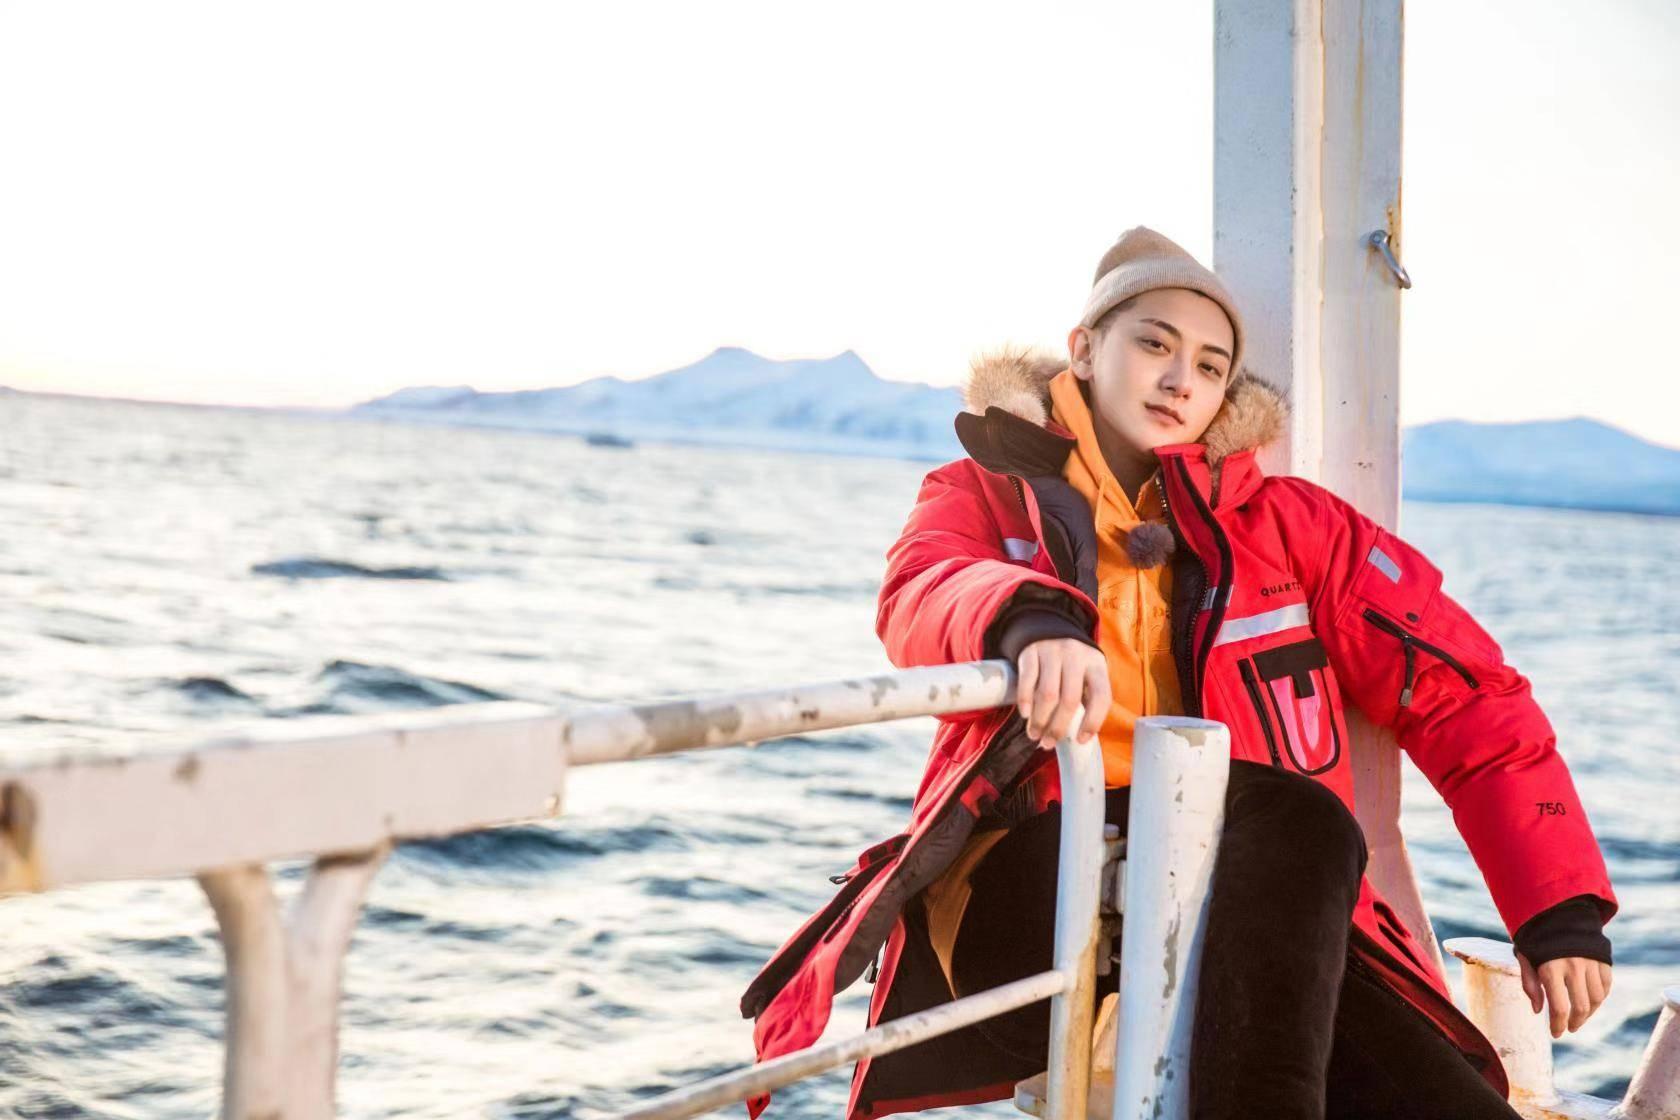 黄子韬号召保护极地冰川 《小小的追球》欢笑与感动并存